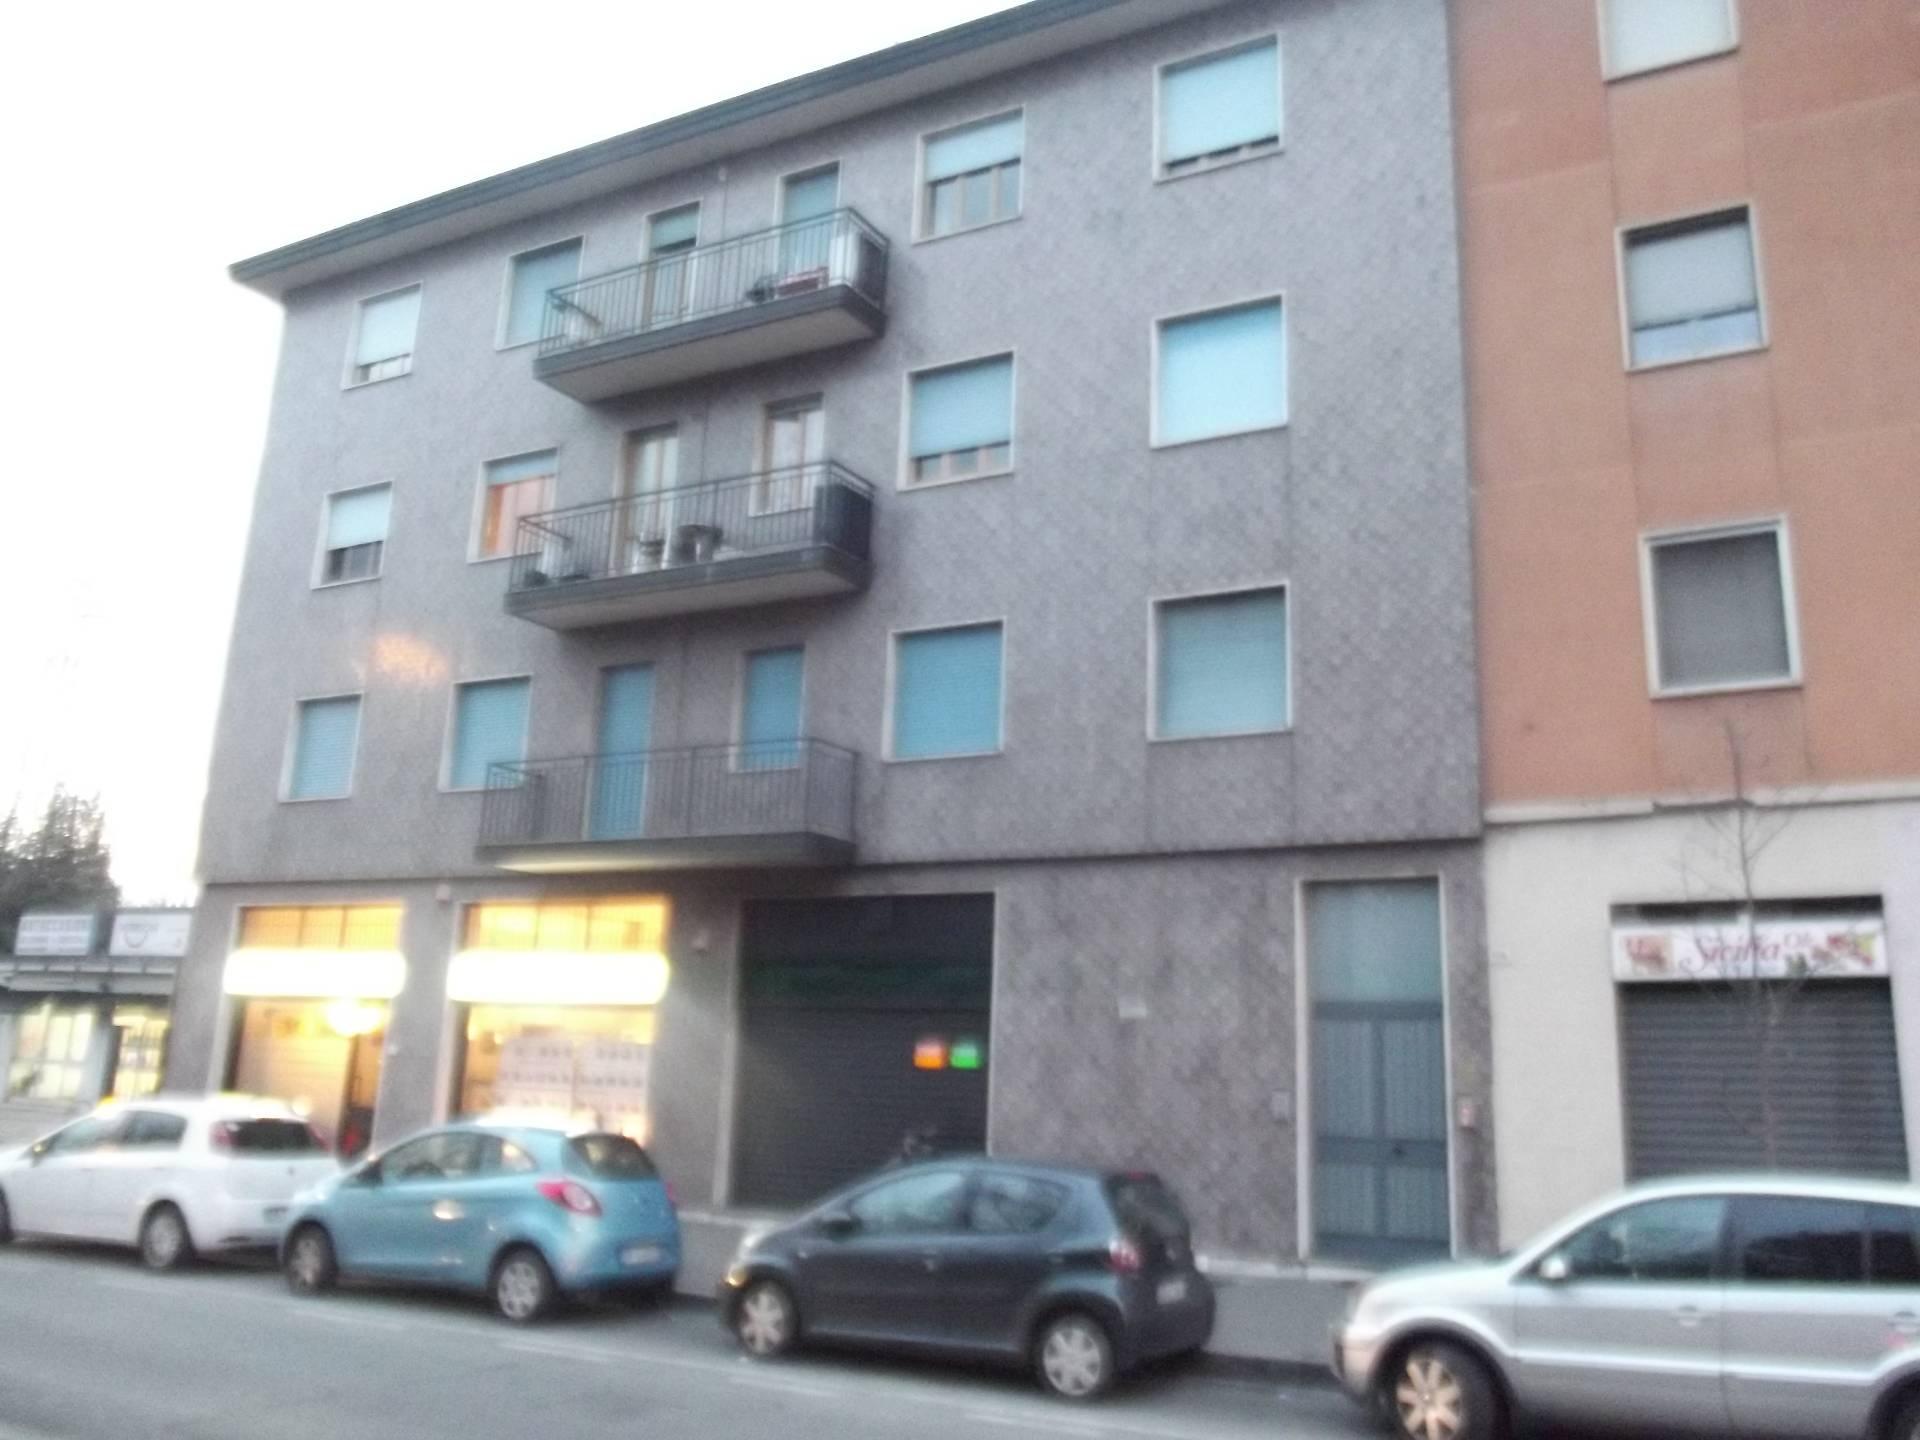 Sesto San Giovanni   Appartamento in Vendita in Viale Rimembranze   lacasadimilano.it